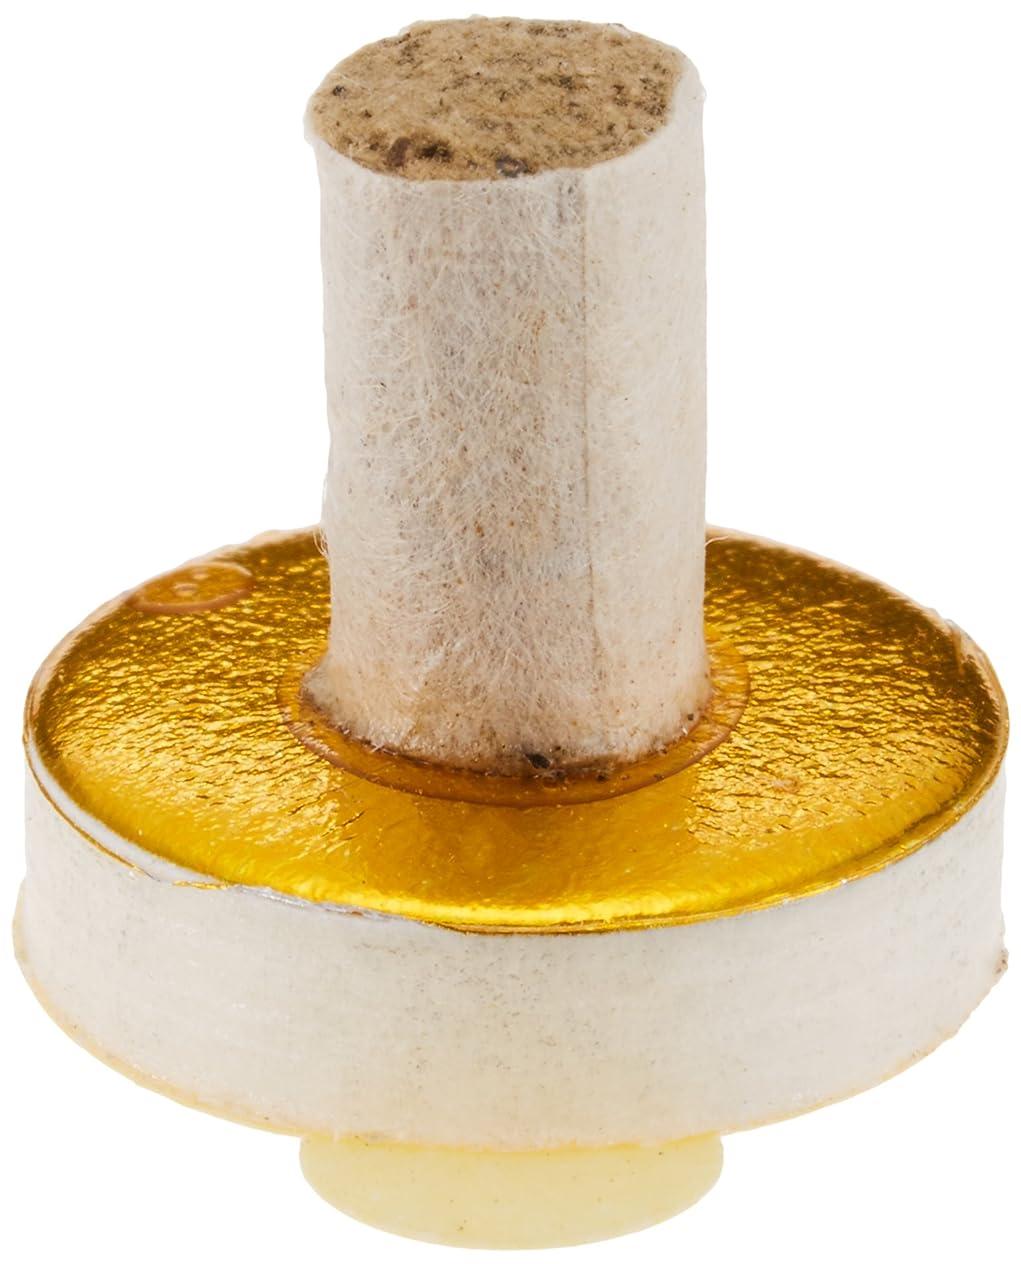 従事したマザーランド同性愛者小里式てい鍼(真鍮、金メッキ、純銀) 純銀 7.5cm